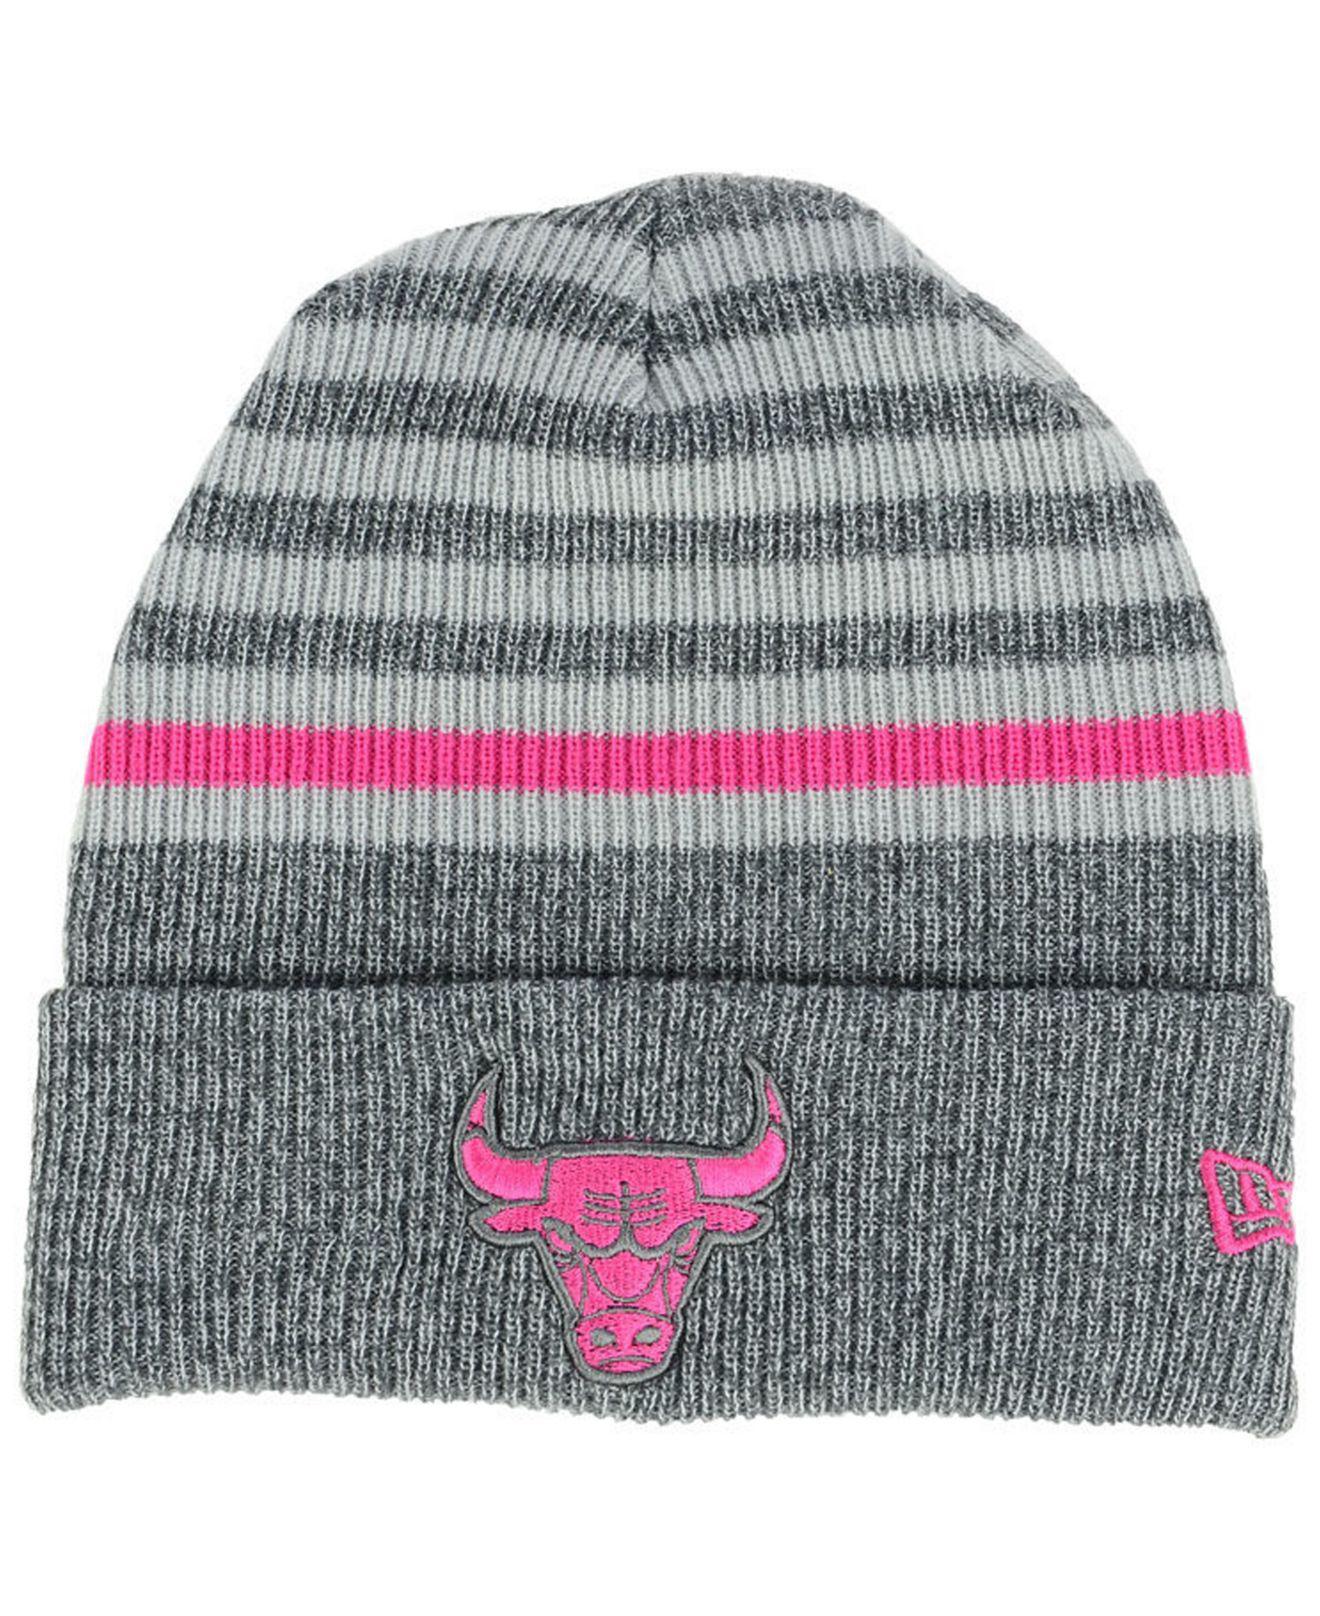 Lyst - KTZ Chicago Bulls Striped Cuff Knit Hat in Gray b5310814d57